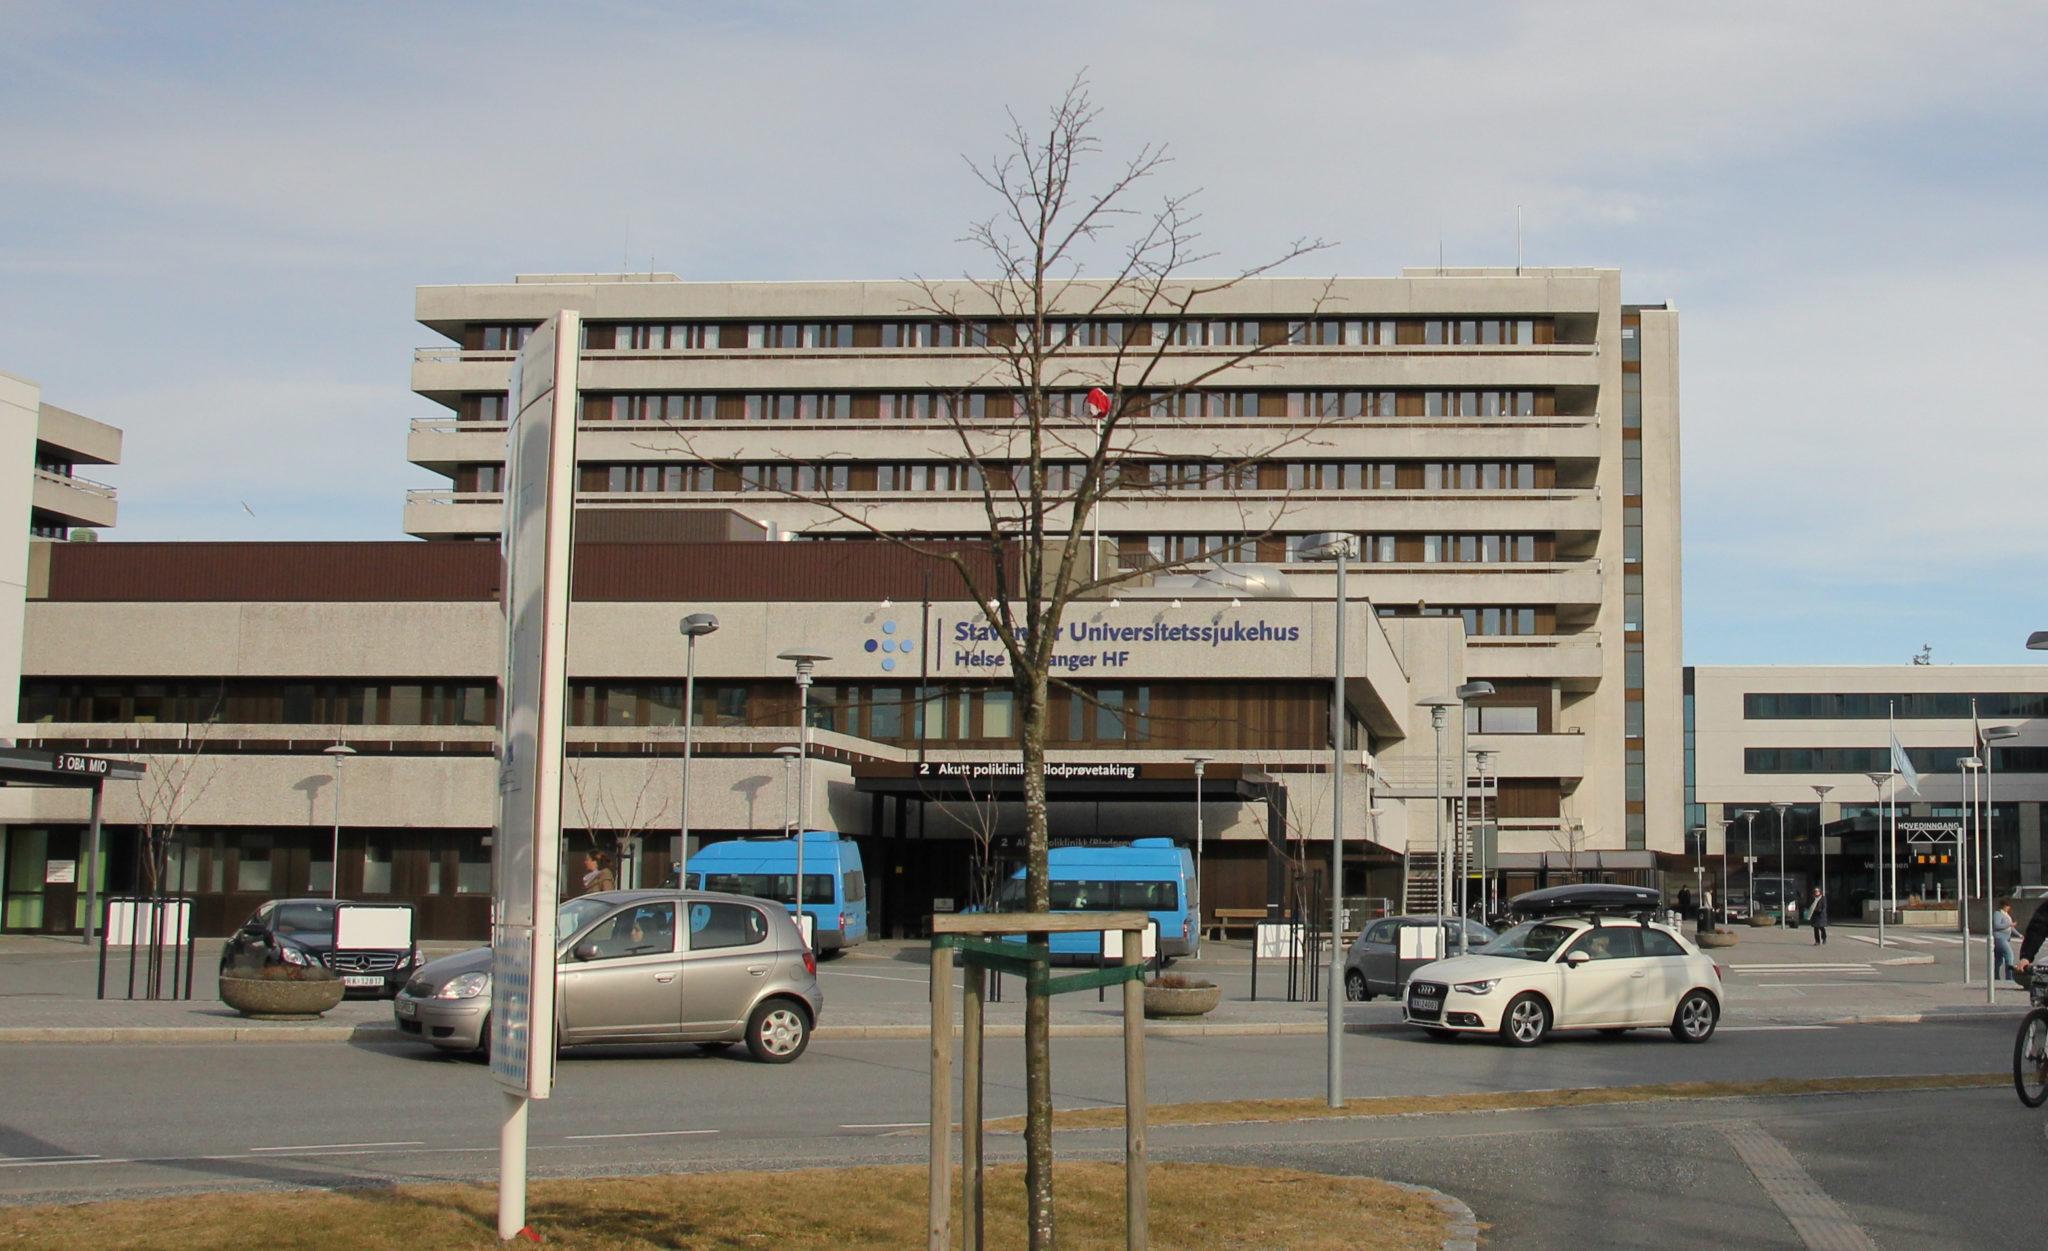 stavanger universitetssykehus